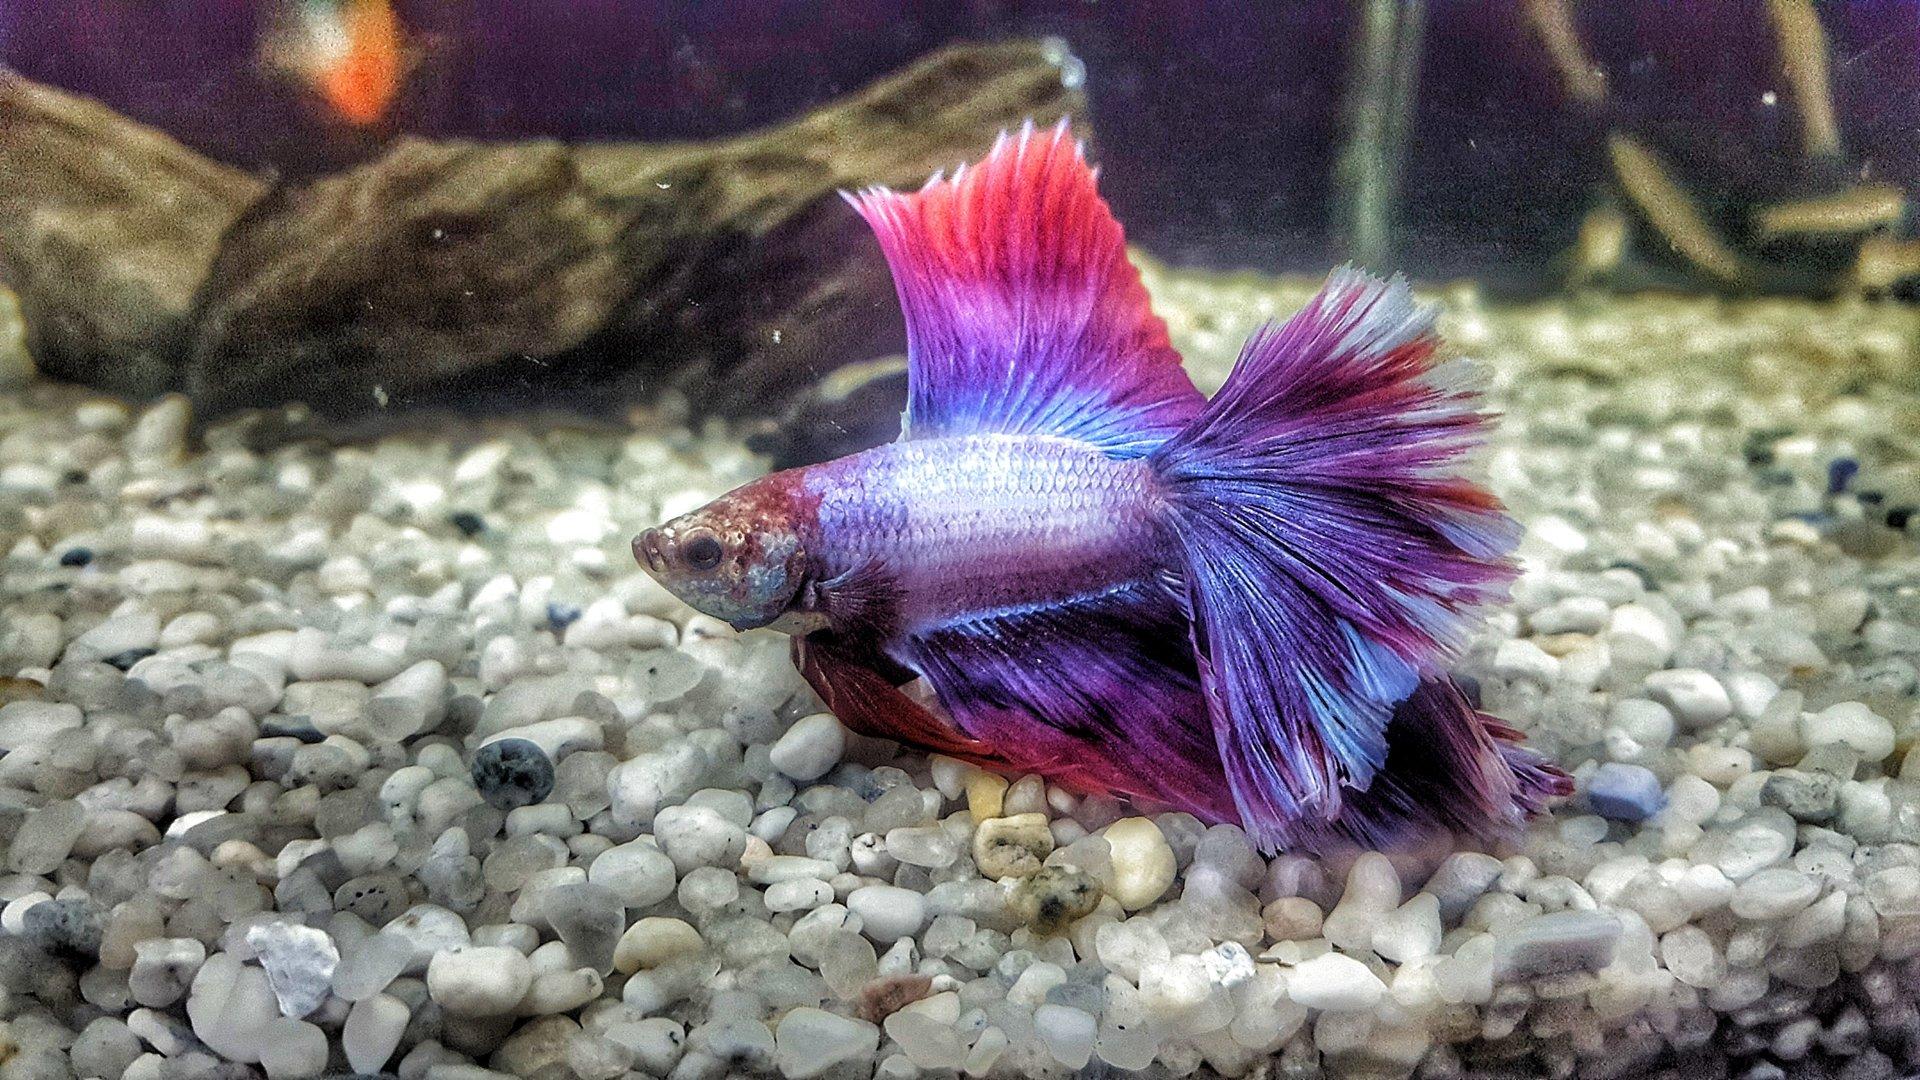 un pesce in un acquario di colore rosso e blu